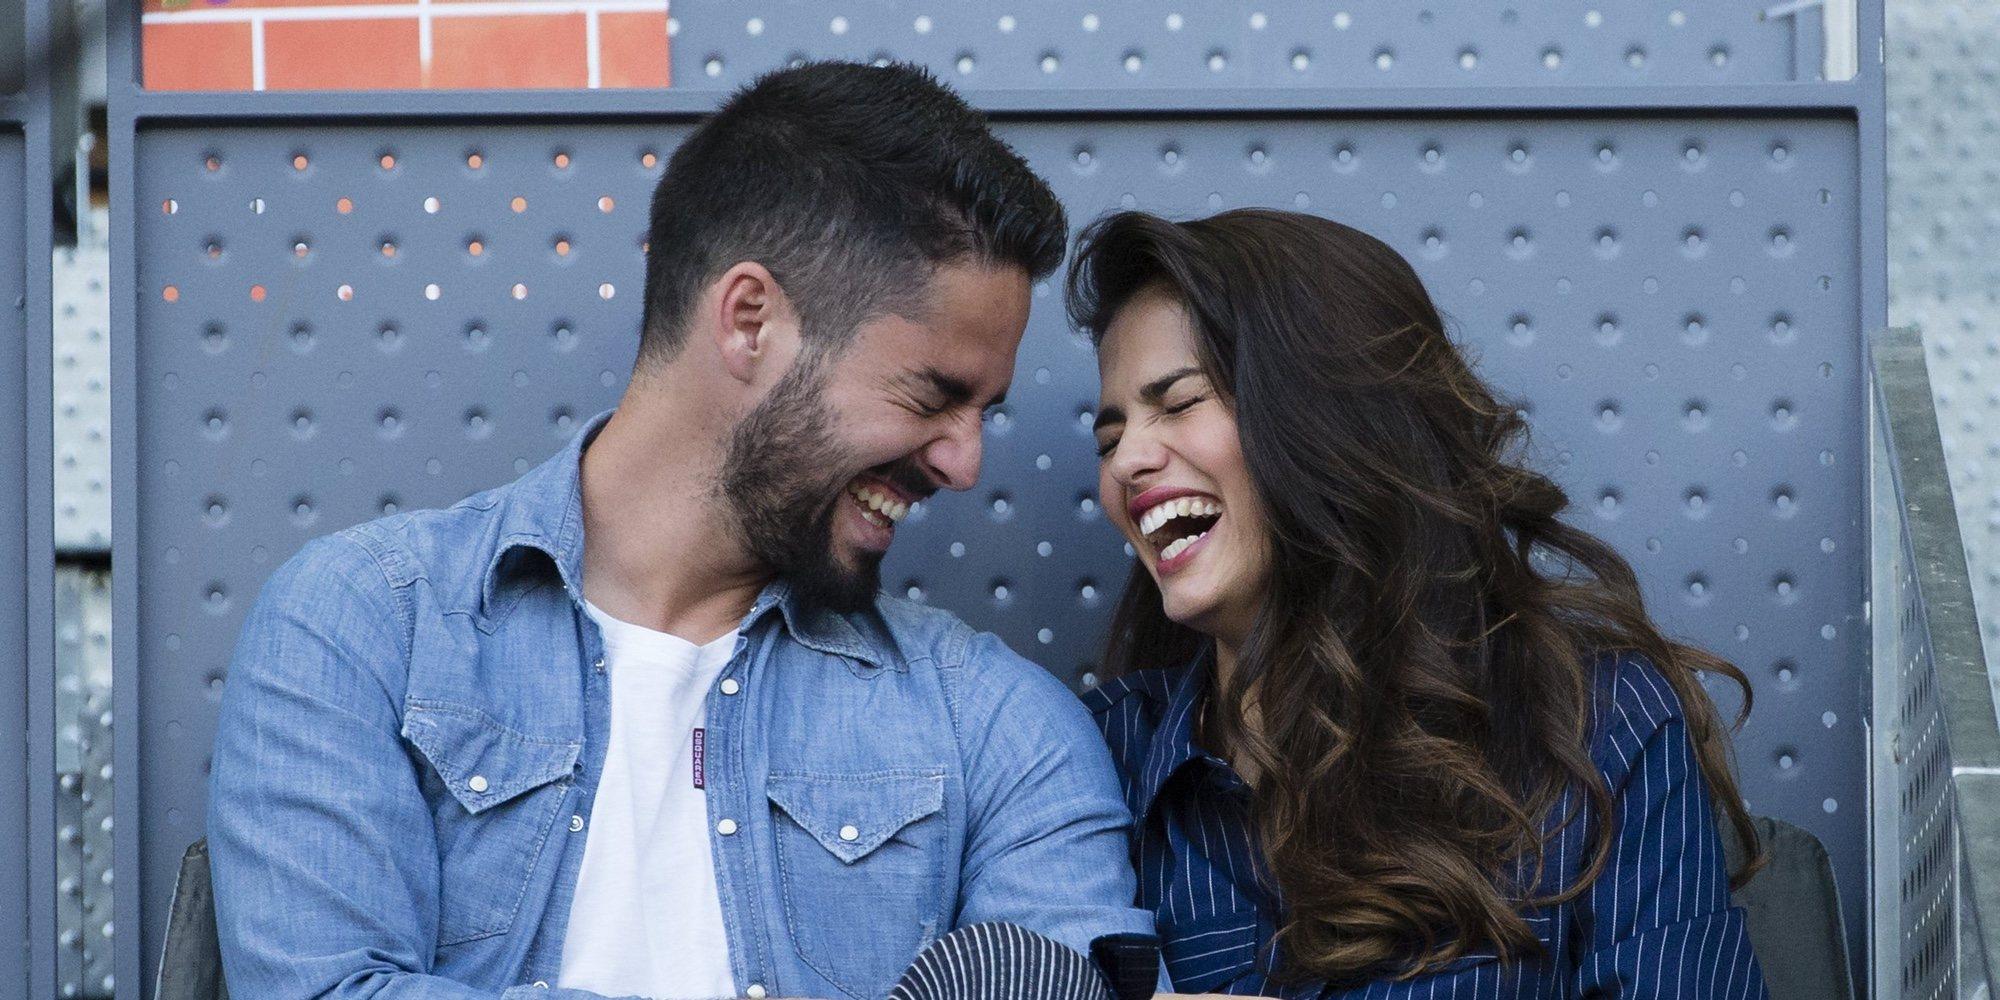 """Isco Alarcón y Sara Sálamo intercambian tiernos mensajes en las redes: """"Más bonita que nadie"""""""